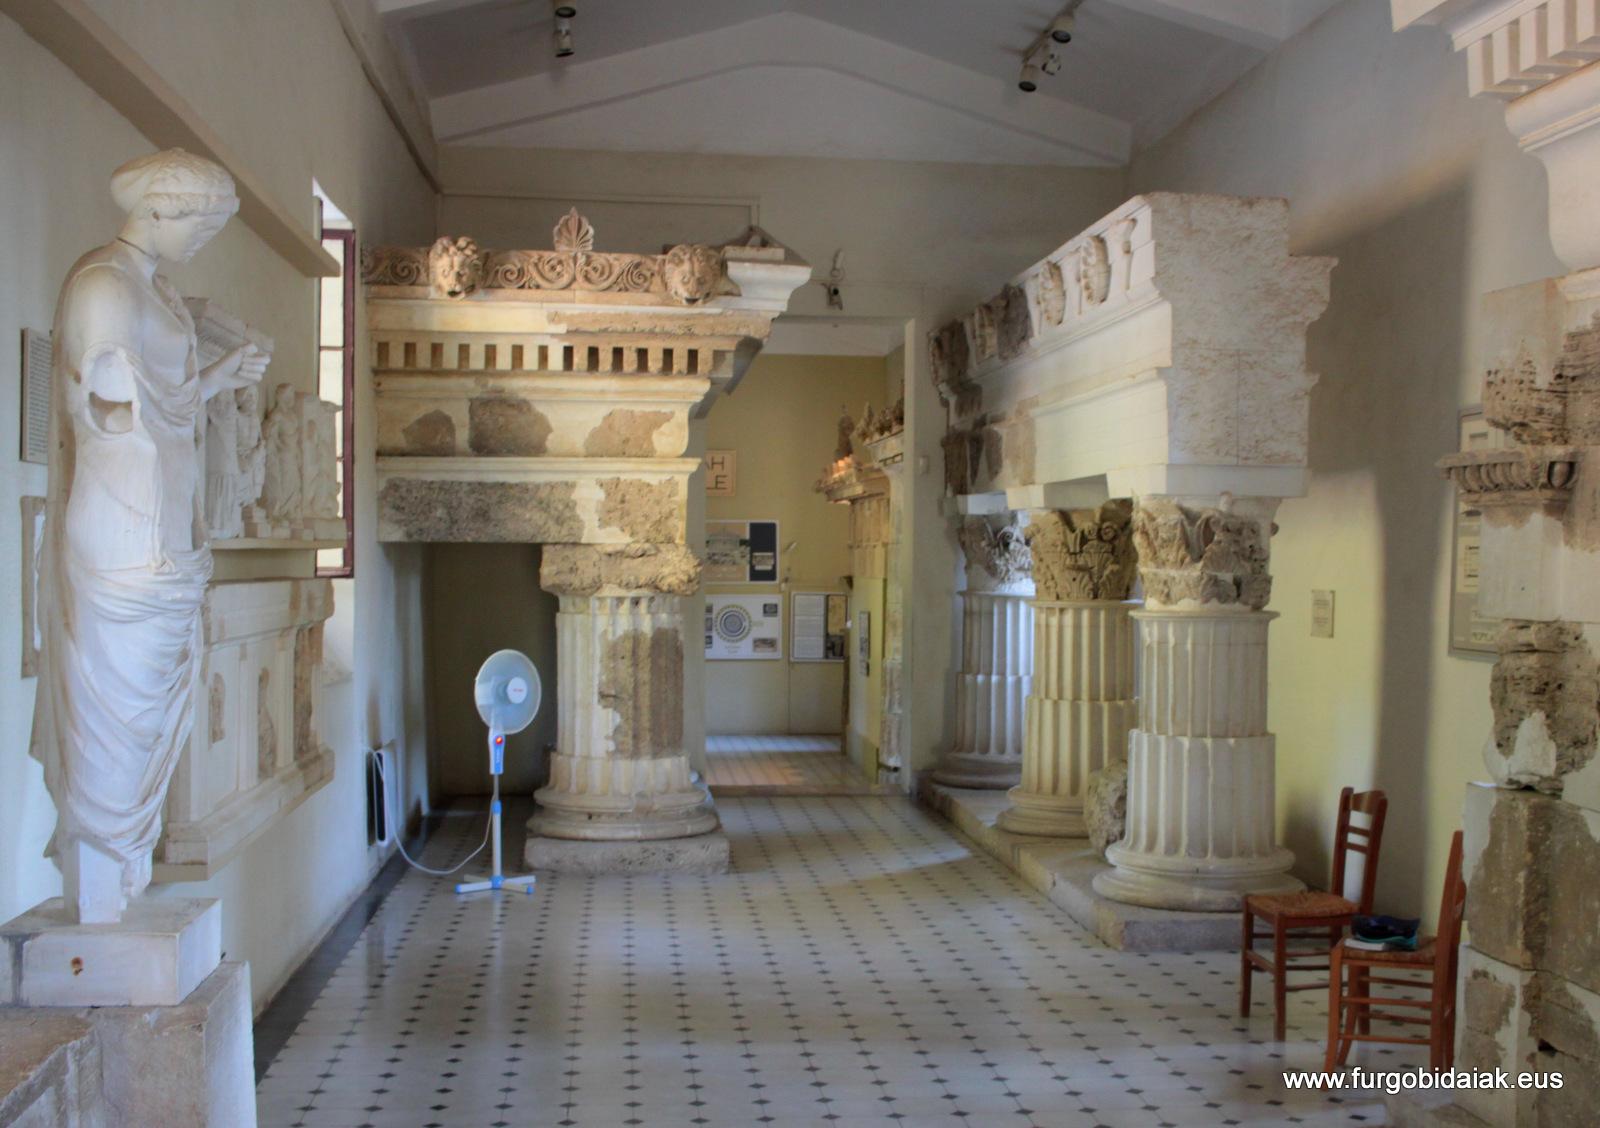 Museo de Epidauro, Peloponeso, Grecia